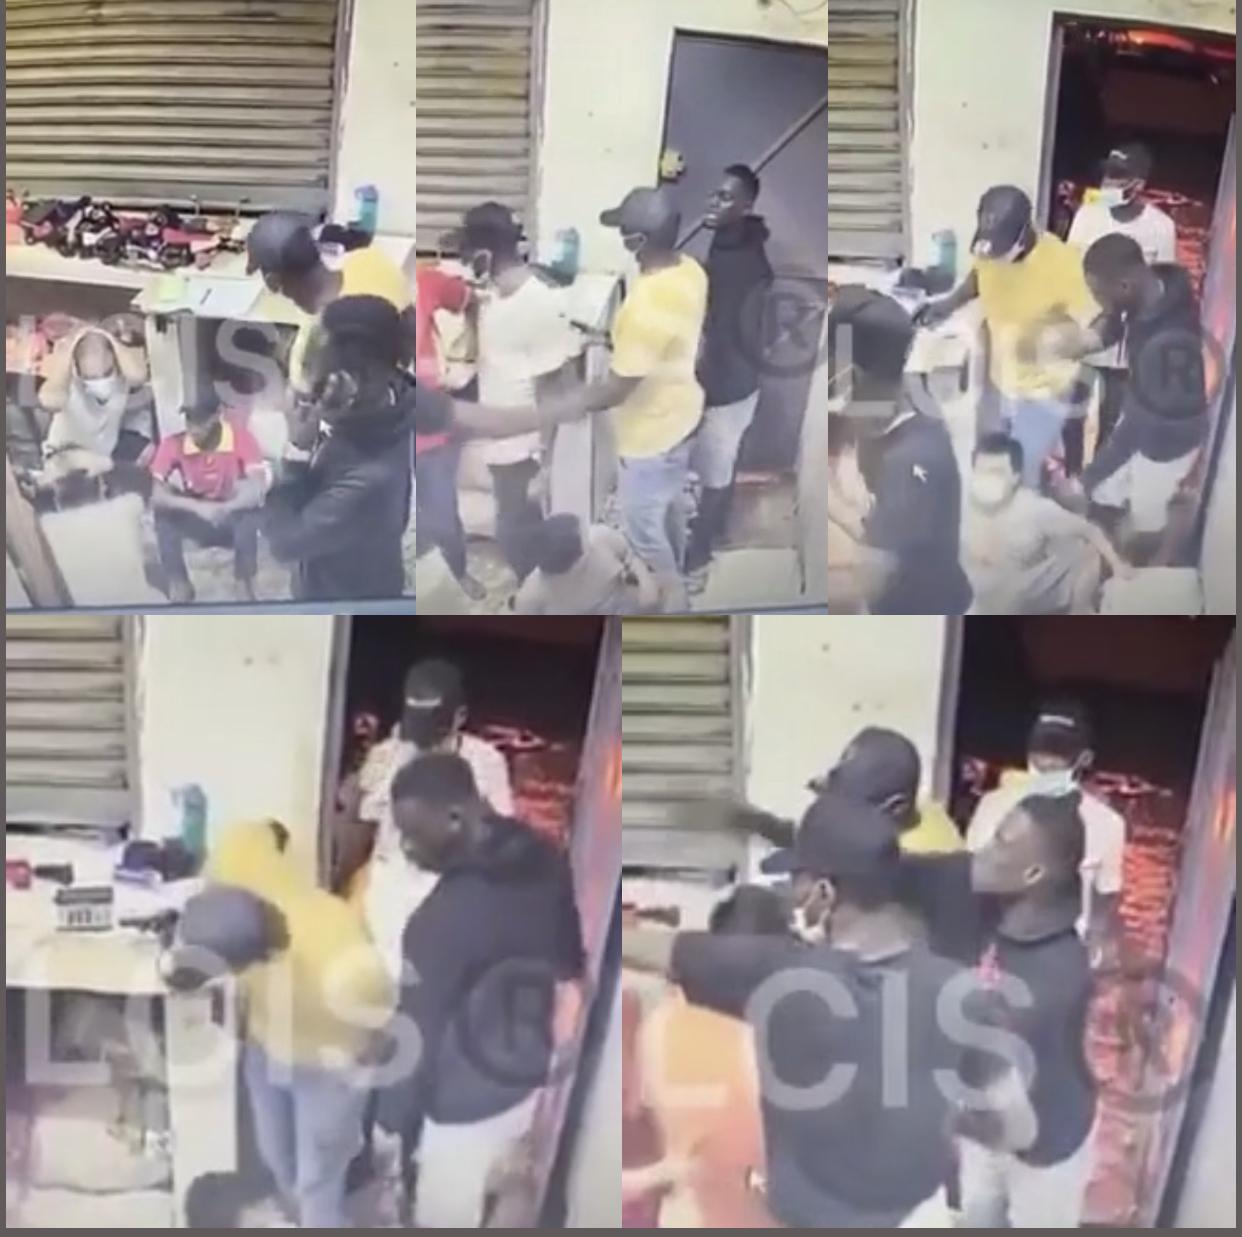 Braquage d'une boutique d'un ressortissant Chinois : « Au lieu de 96.000.000 FCFA, c'est une somme de 70.000.000 FCFA qui a été emportée par les malfaiteurs » (Police nationale)